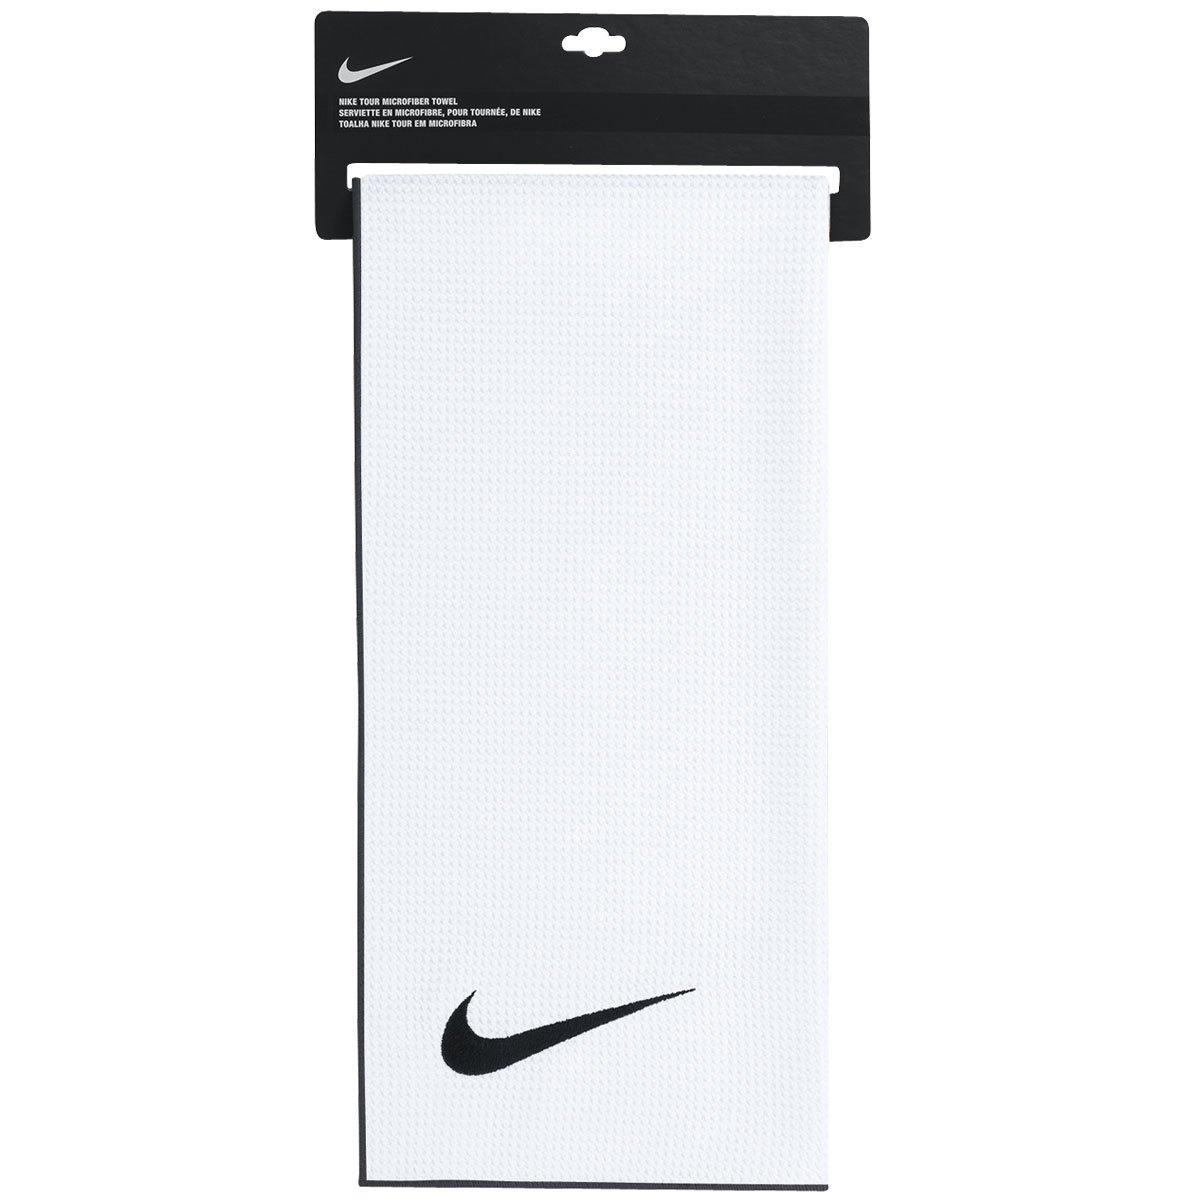 Nike Tour Microfibra Toalla de Golf, Unisex Adulto, Blanco, Talla Única: Amazon.es: Deportes y aire libre